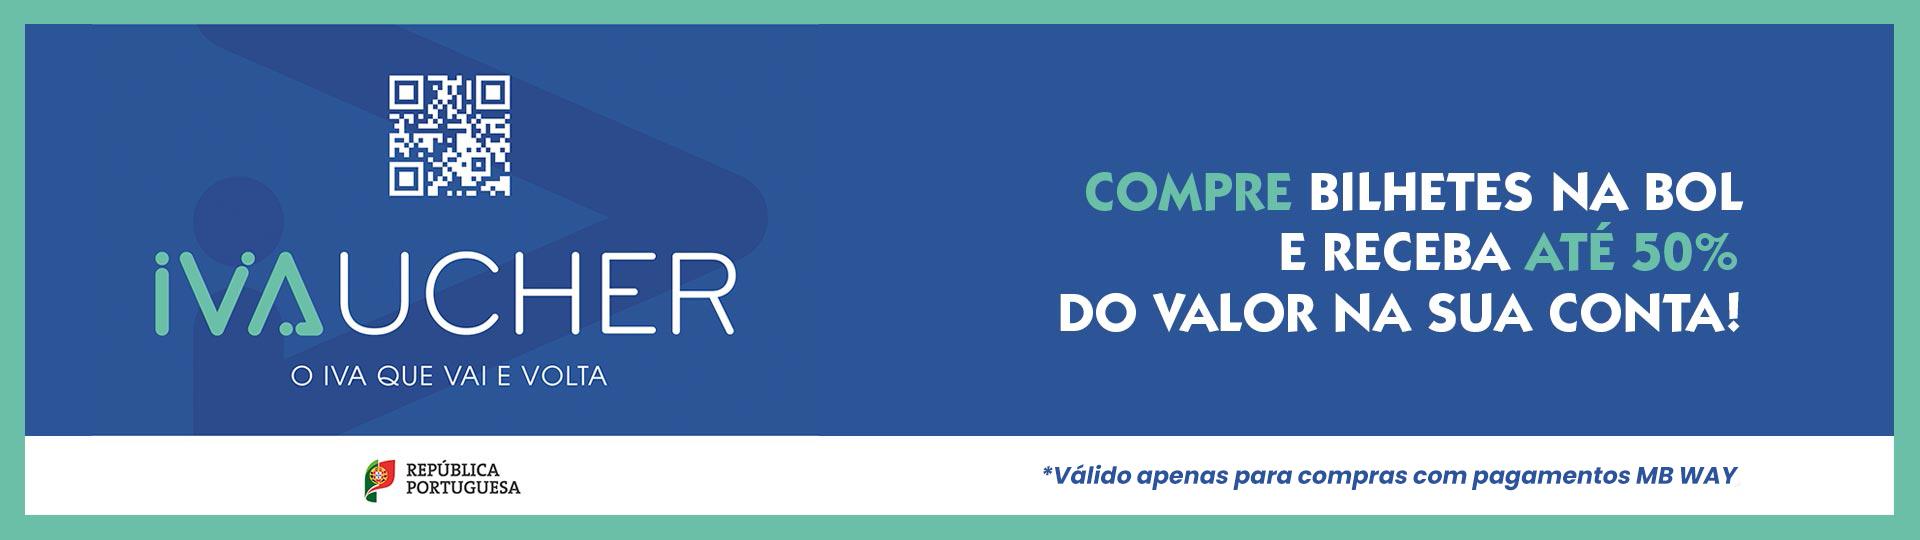 IVAucher 2021